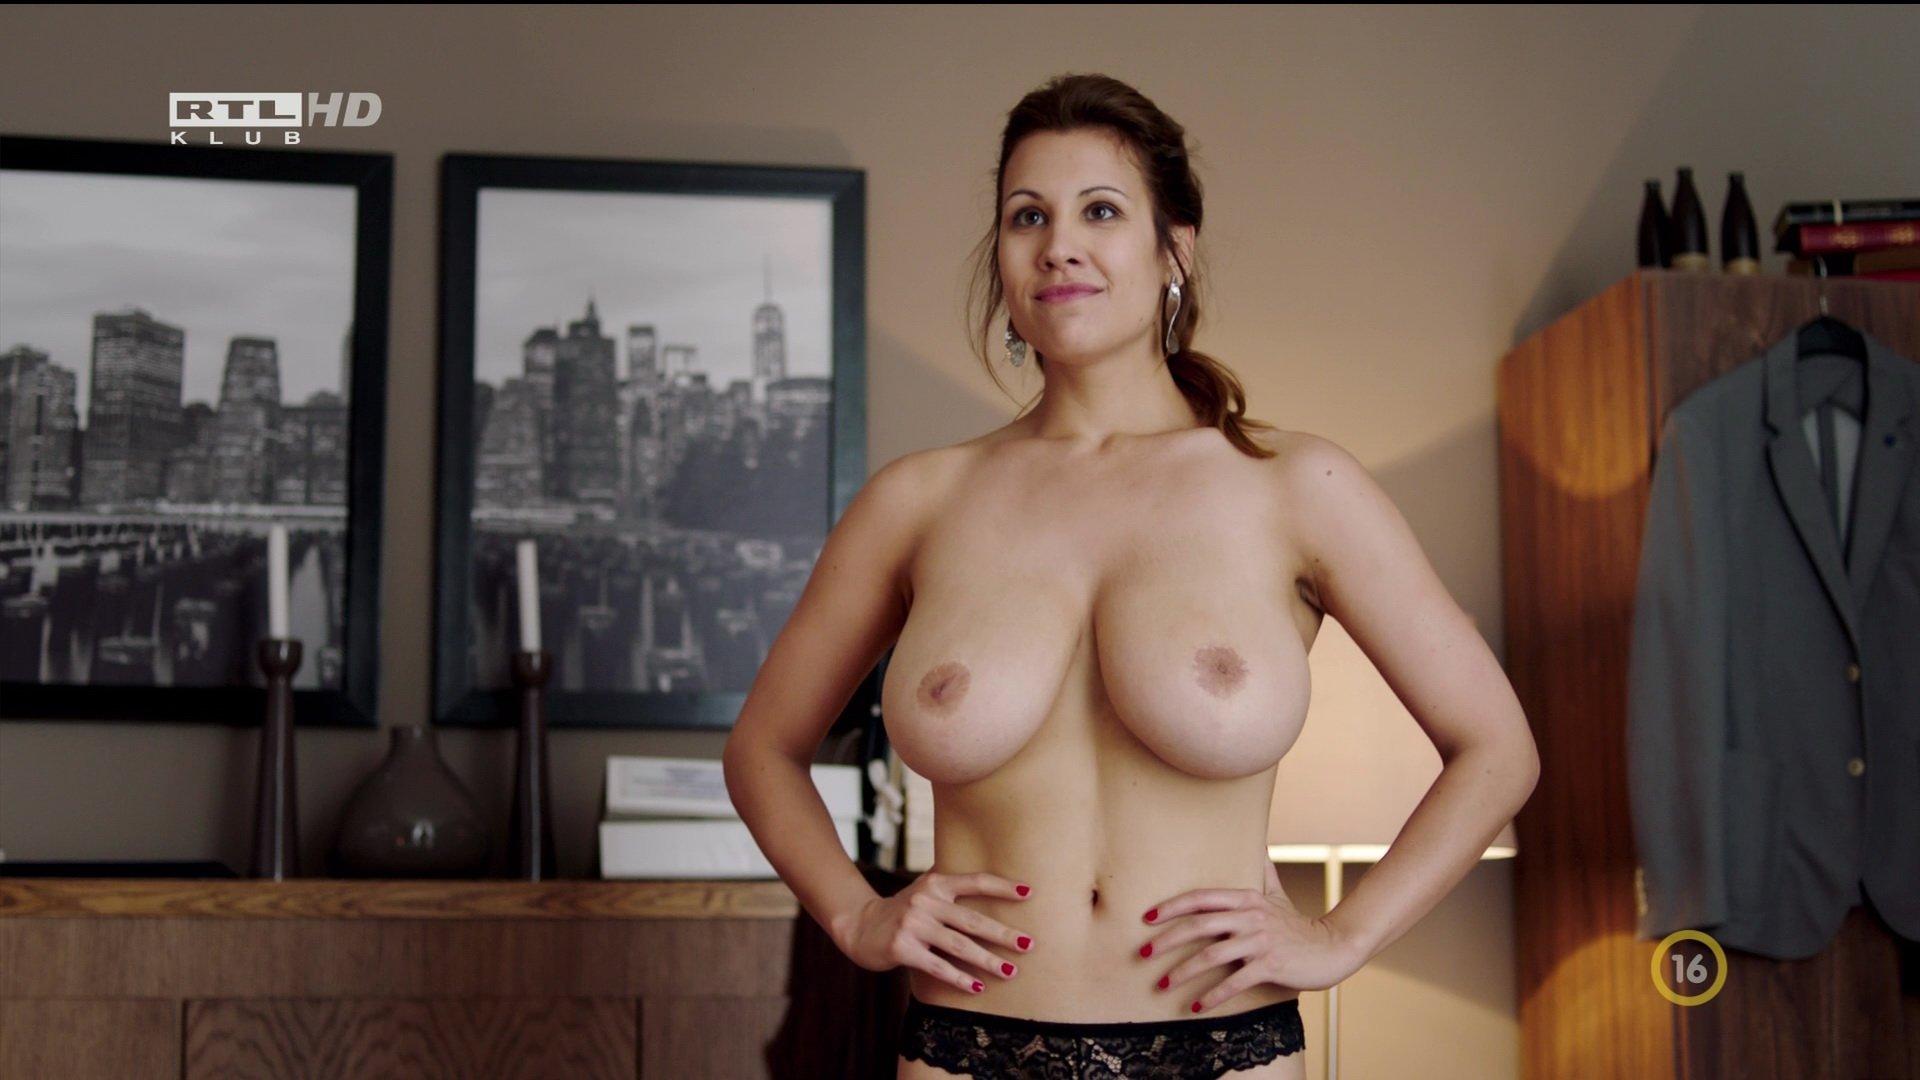 Alexandra Horvath nude - Valotarsak s02e02 (2017)